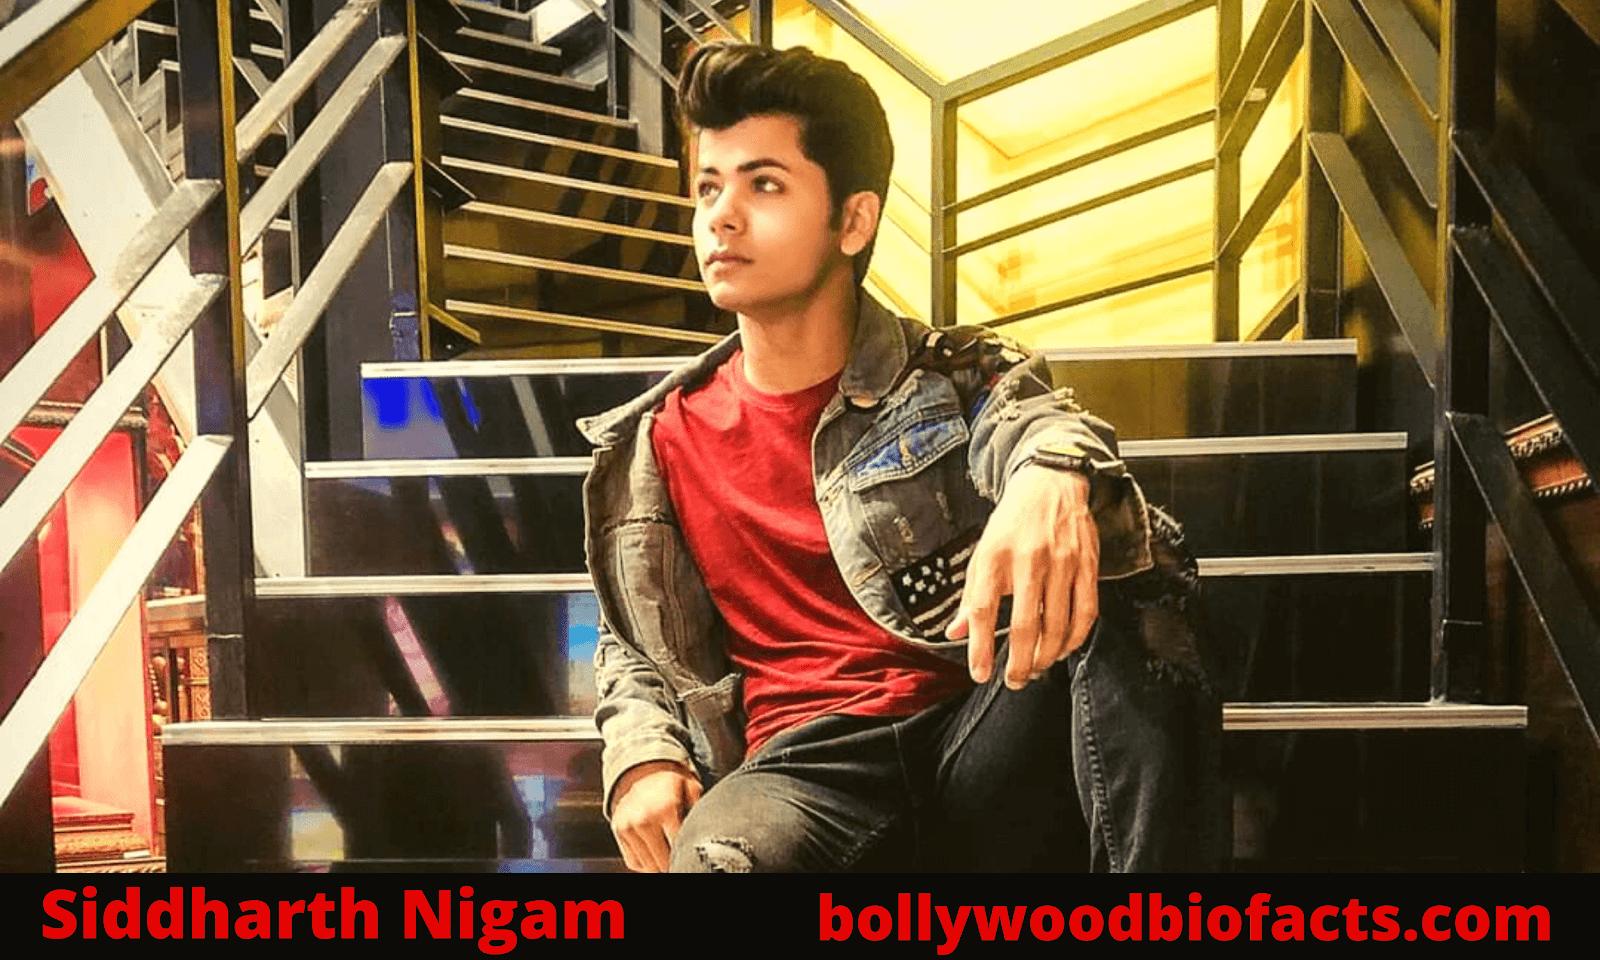 Siddarth-Nigam